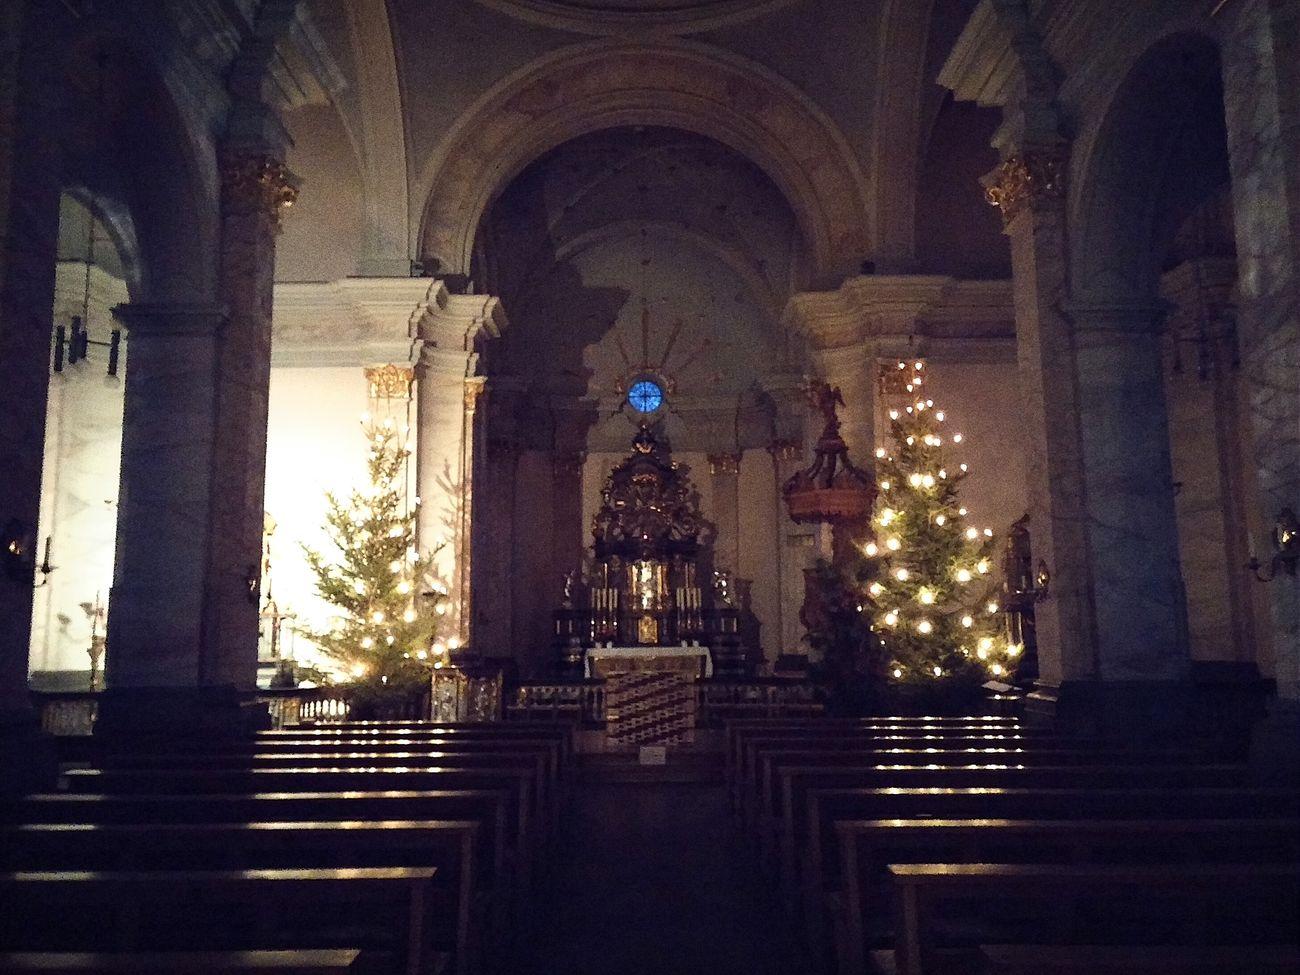 St. Michael Zwischen Den Jahren